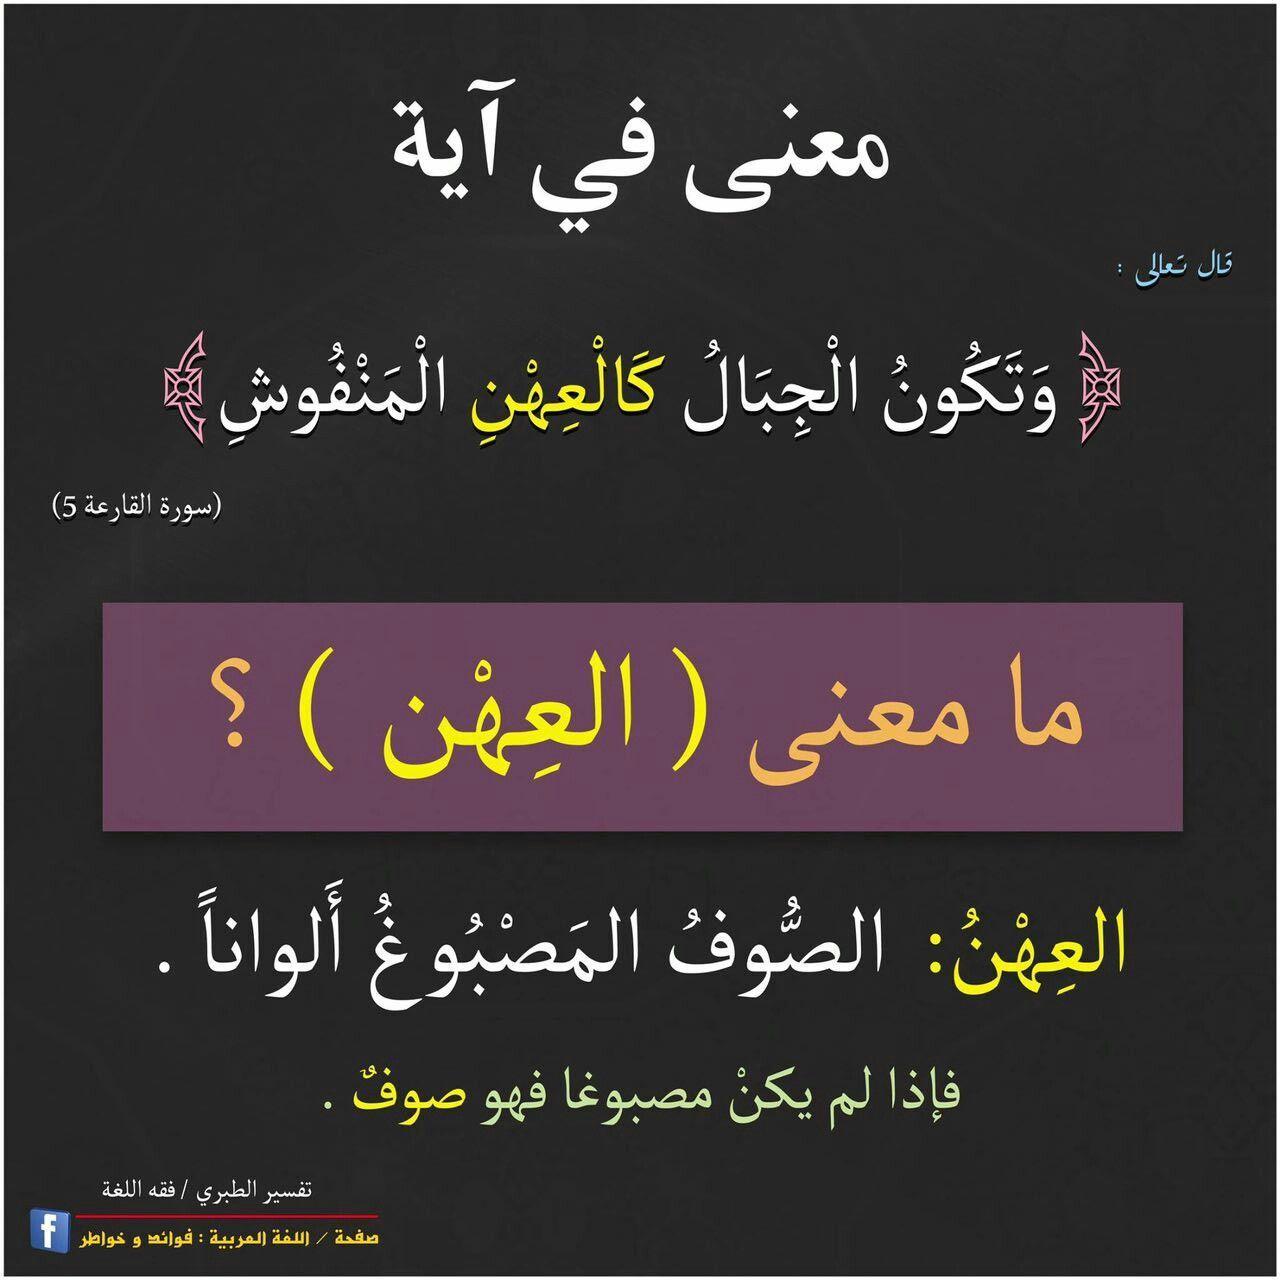 معنى في آية ما معنى كلمة العهن Islamic Love Quotes Islamic Quotes Quran Learn Islam